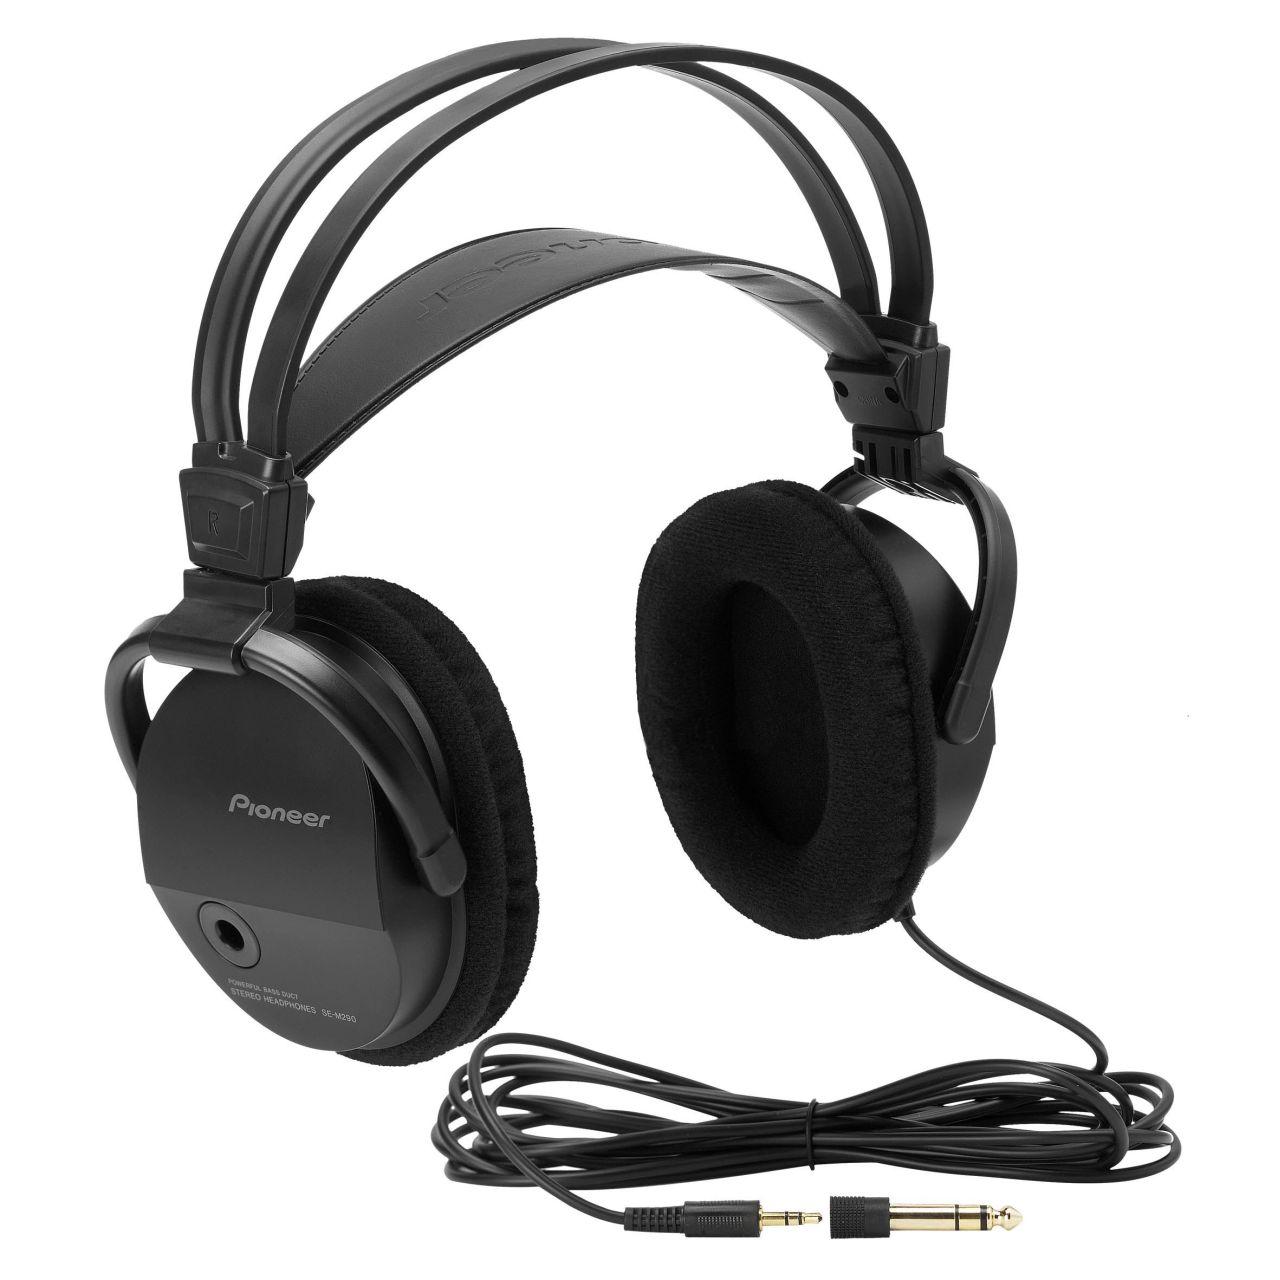 Powieksz do pelnego rozmiaru Pionier, pionner, pionneer, pioneer SE-M 290, SE M 290 SE-M290, SE M290 SE-M-290, SE M-290 słuchawki domowe, słuchawki z pałąkiem, słuchawki nagłowne, słuchawki wokółuszne, słuchawki zamknięte, słuchawki hifi